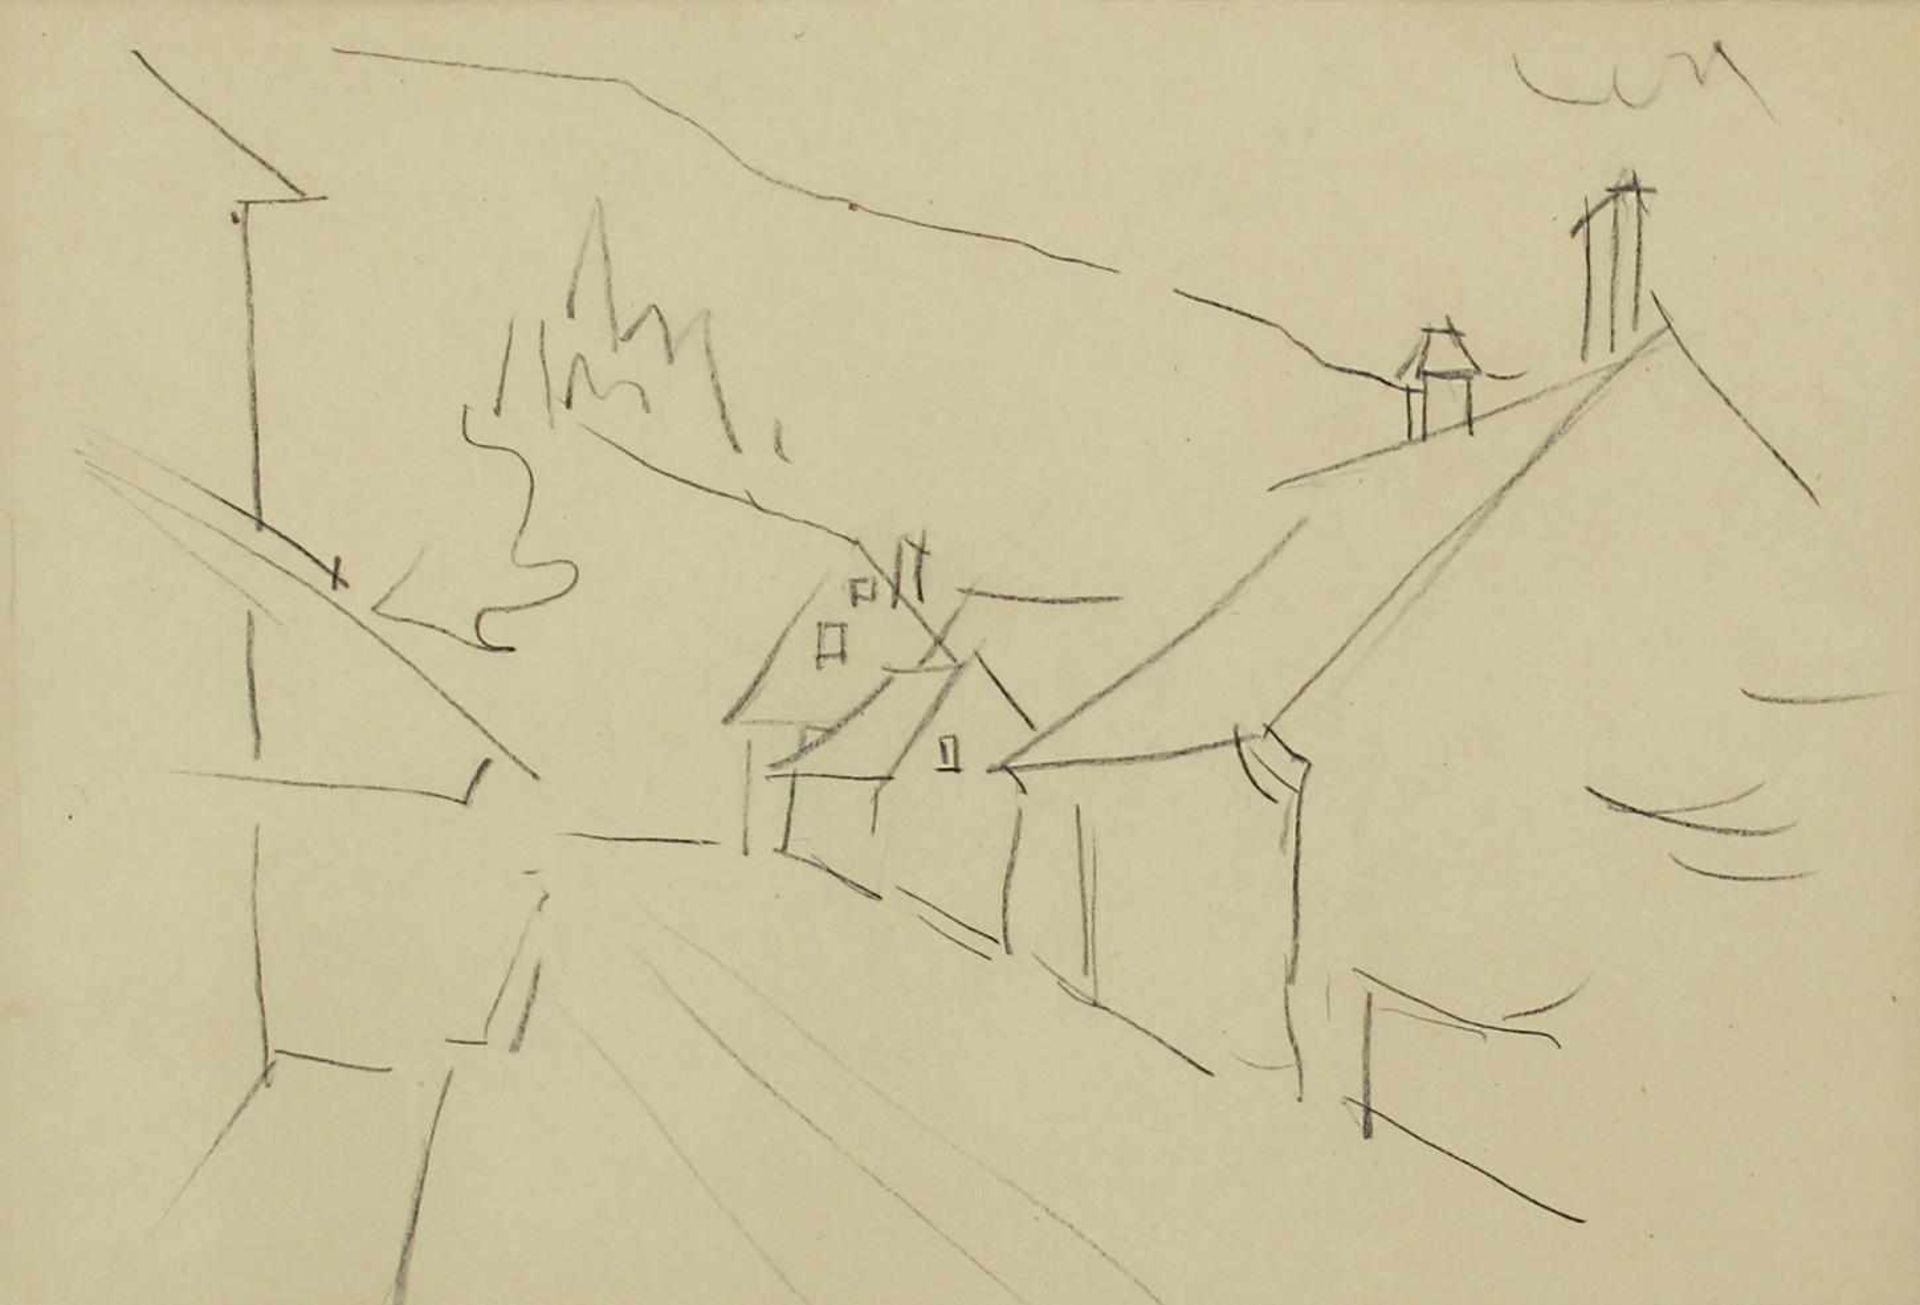 Robert Philippi 1877 - 1959 Landschaft 7 Graphit signiert und betitelt verso 20 x 30 cm